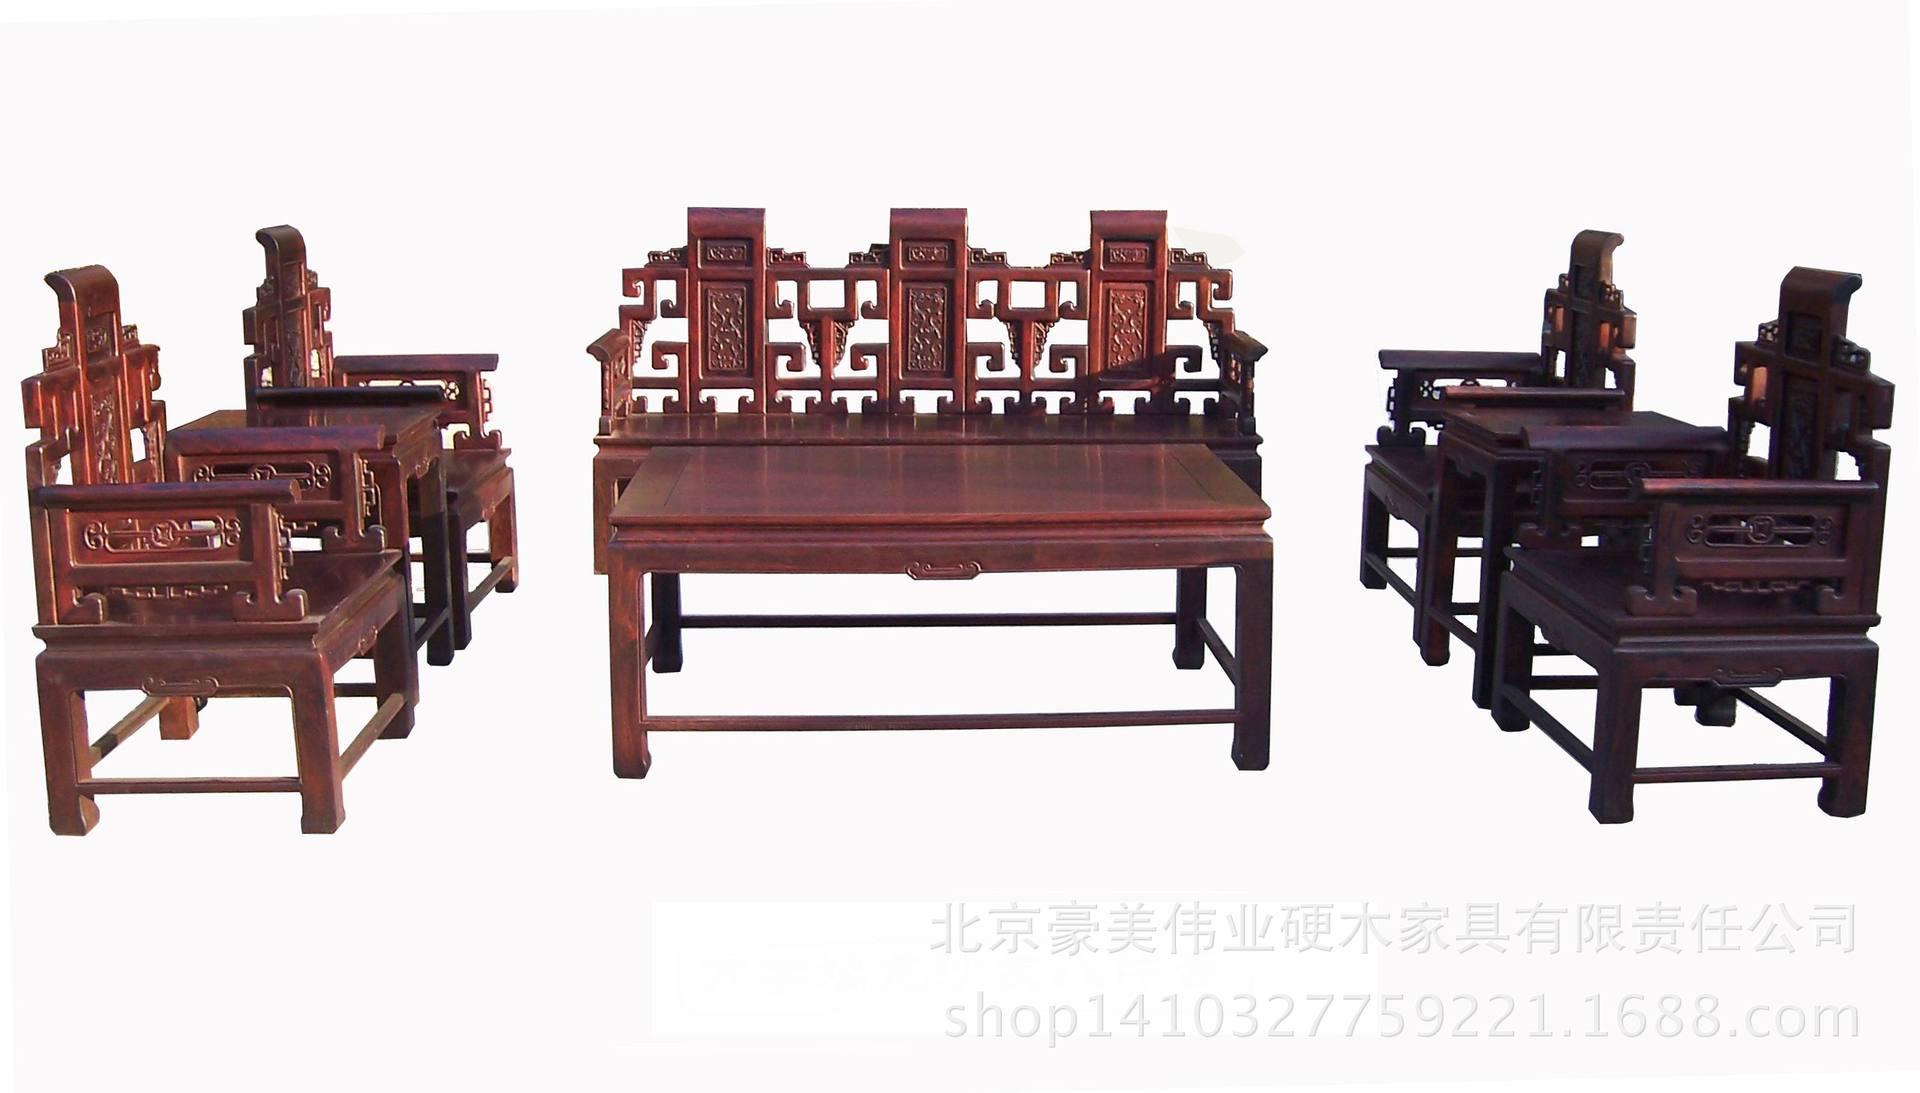 沙发类-家具家具厂-北欧红木家具-红木家具-老北京复古红木图片